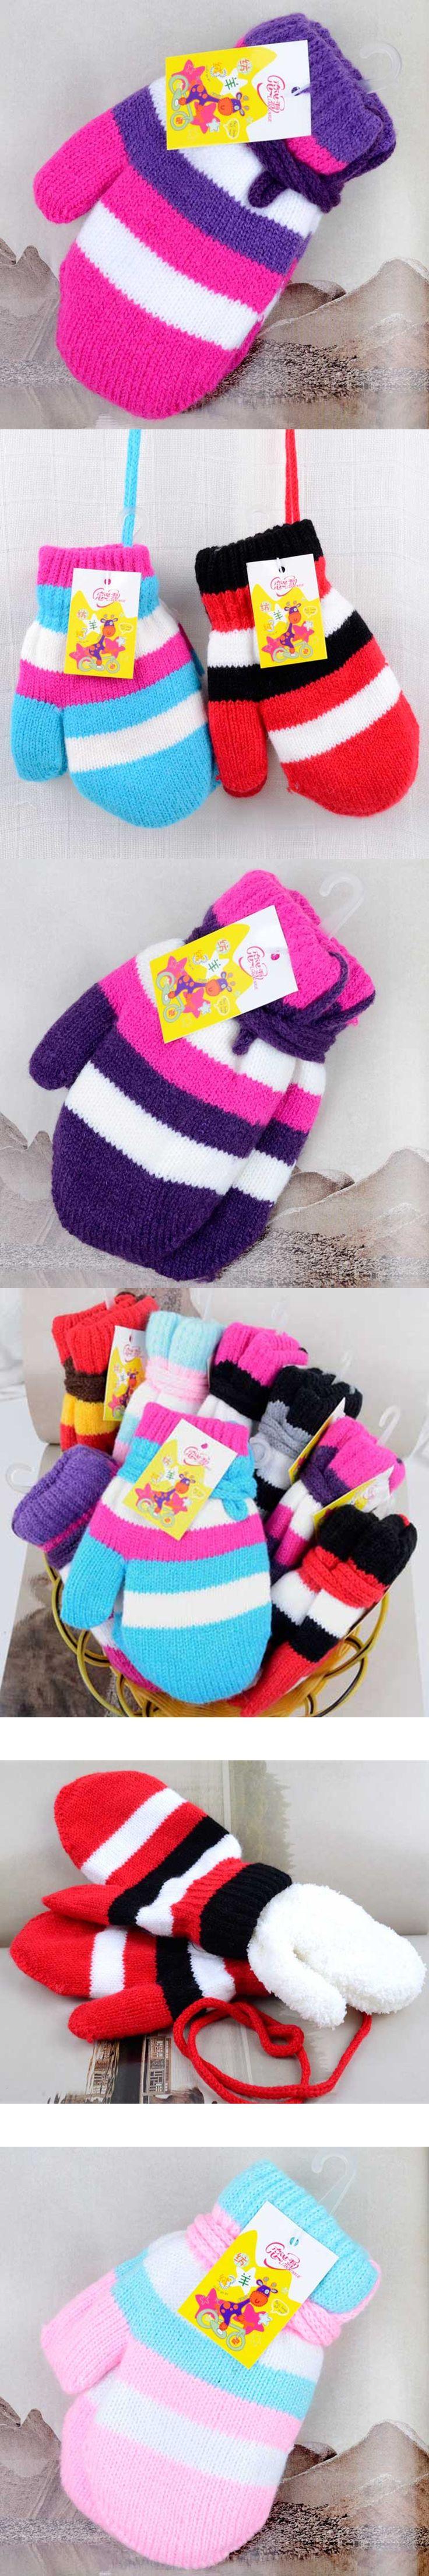 Children Winter Gloves Cute Striped Glove Girls Boys Pack Finger Halter Mittens Thicken Warm Knit Wool Kids Accessories 8Color